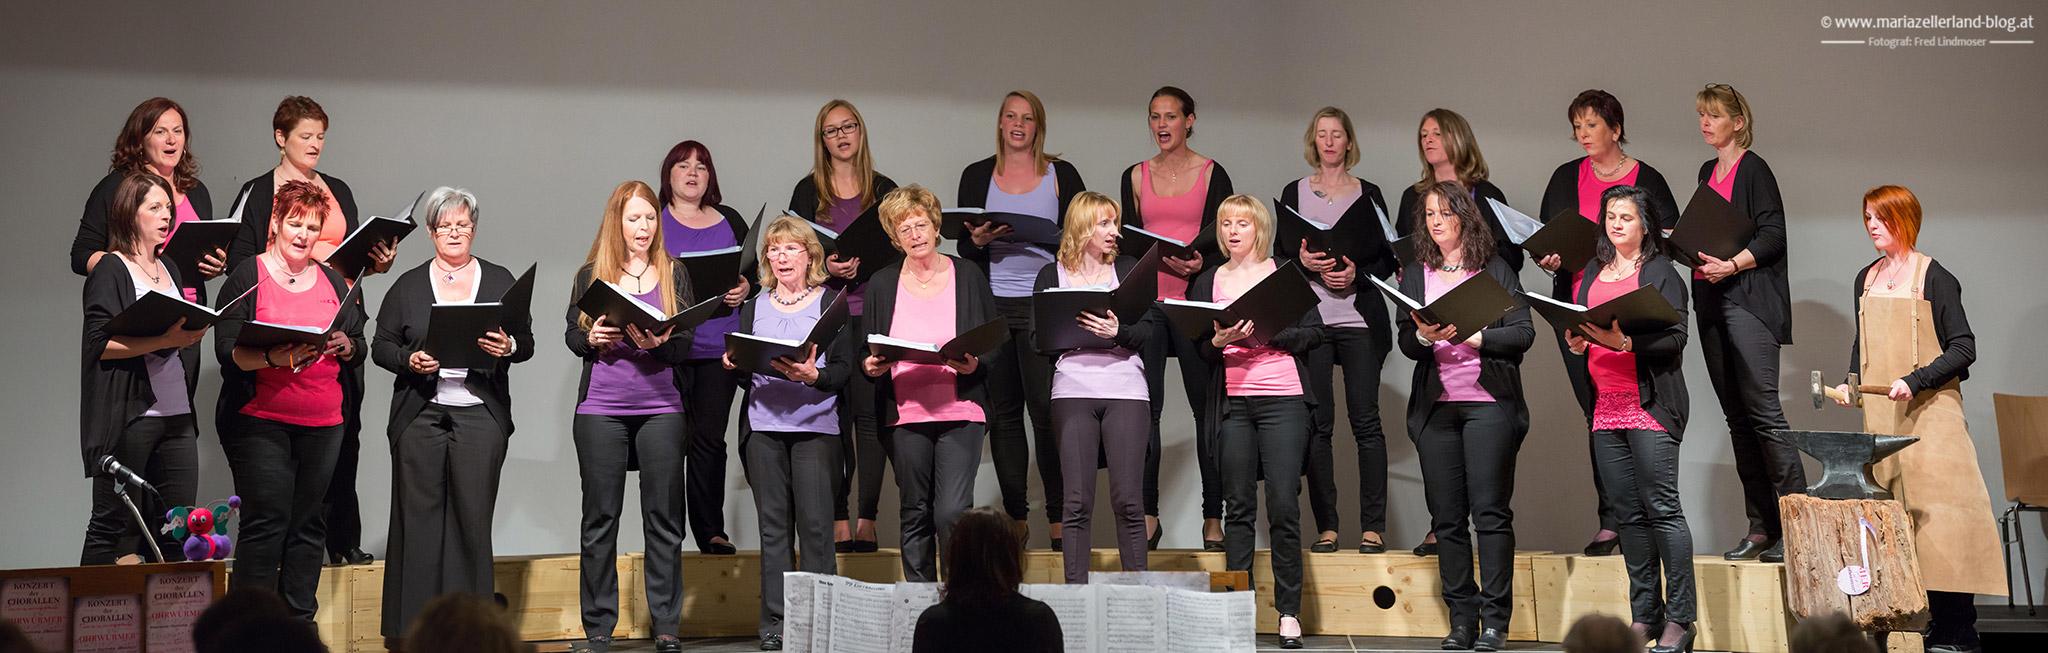 Chorallen-Konzert-IMG_8418_stitch